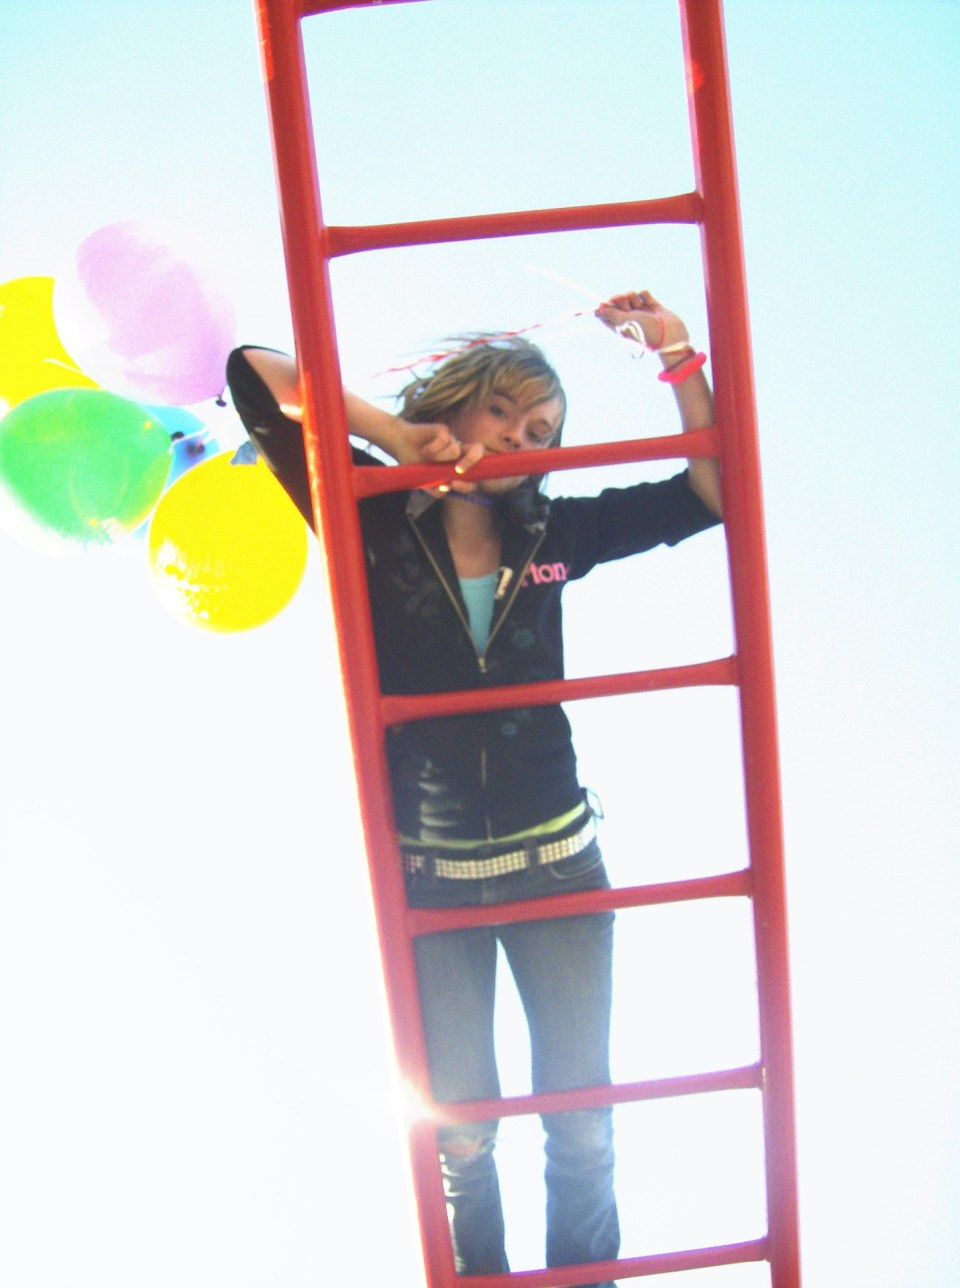 girl-on-ladder-954579_1920